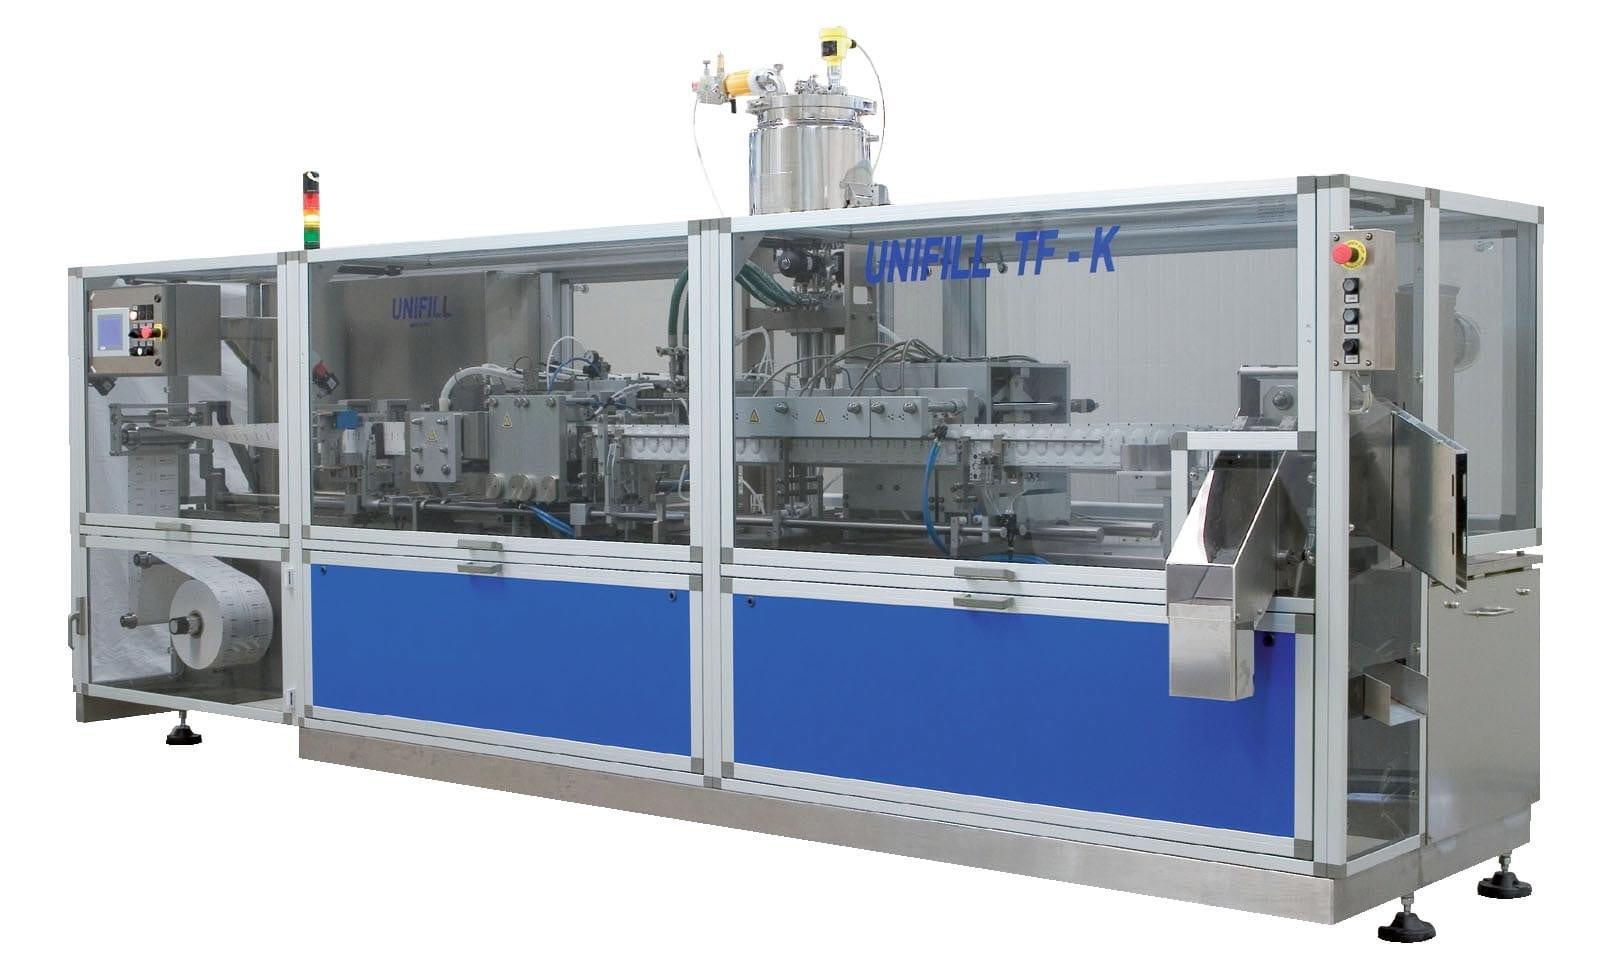 maquinas verticales termoformado llenado sellado proinnova